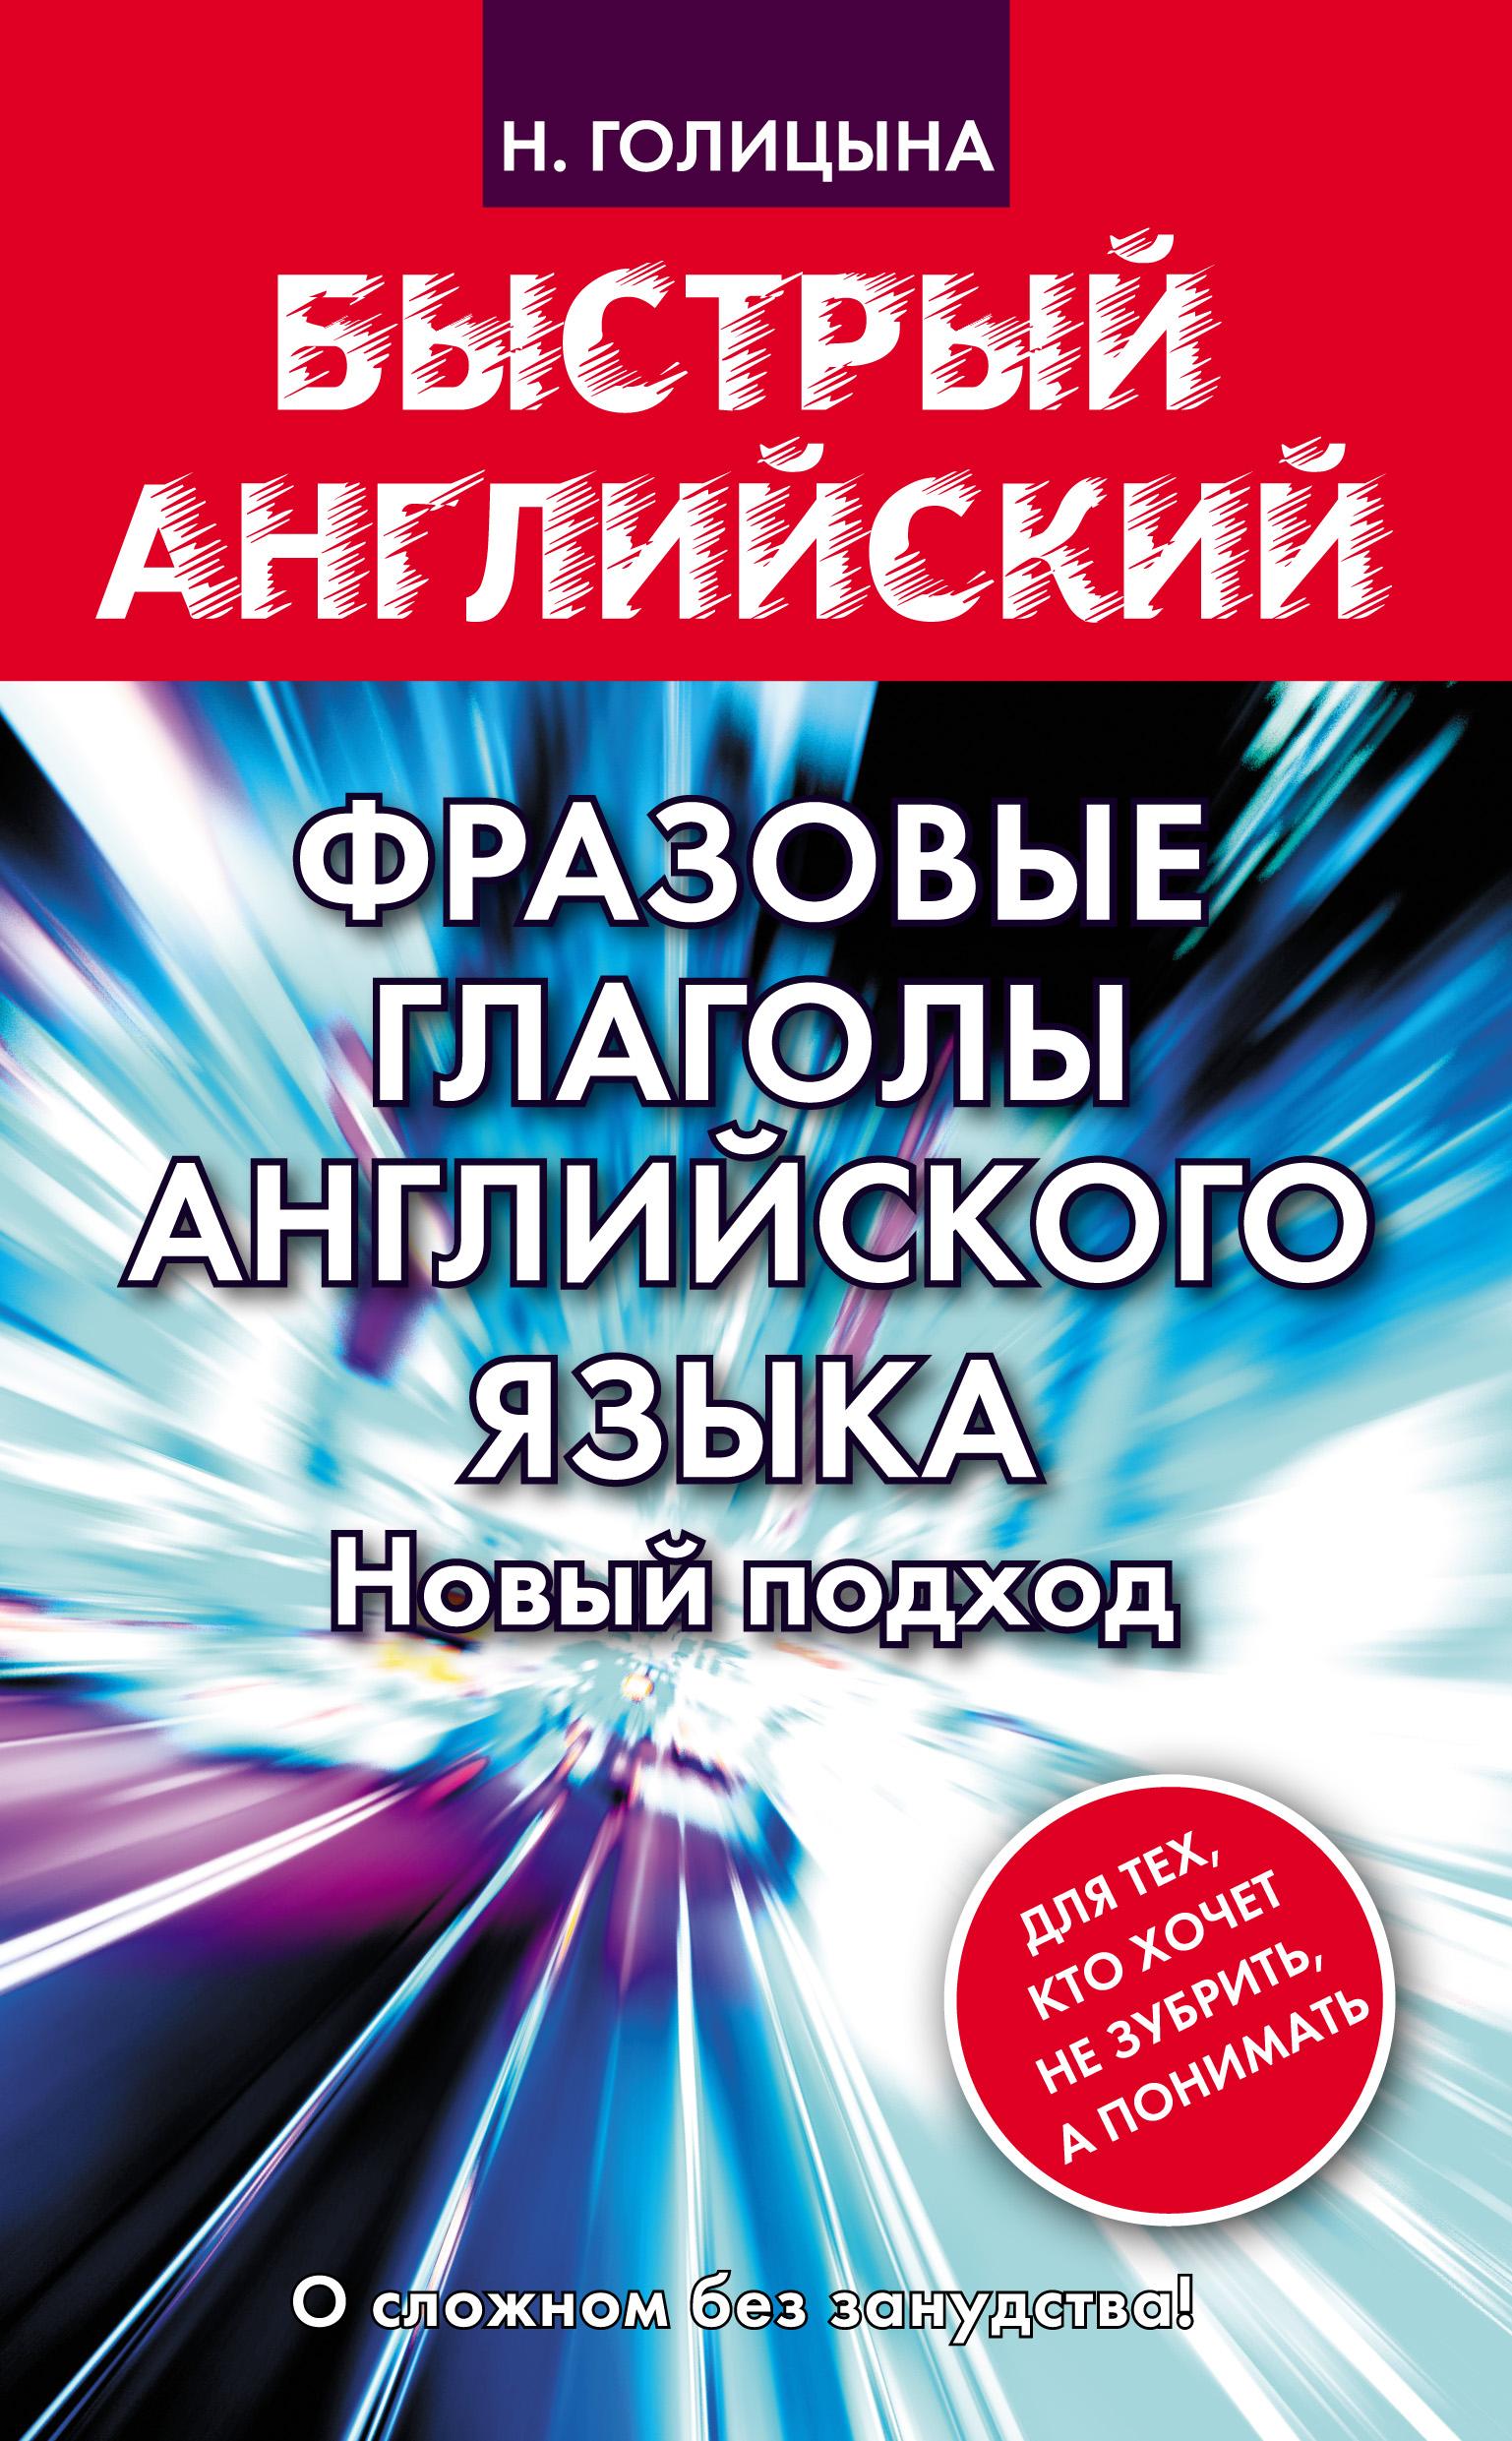 Н. Ю. Голицына Фразовые глаголы английского языка. Новый подход цена 2017